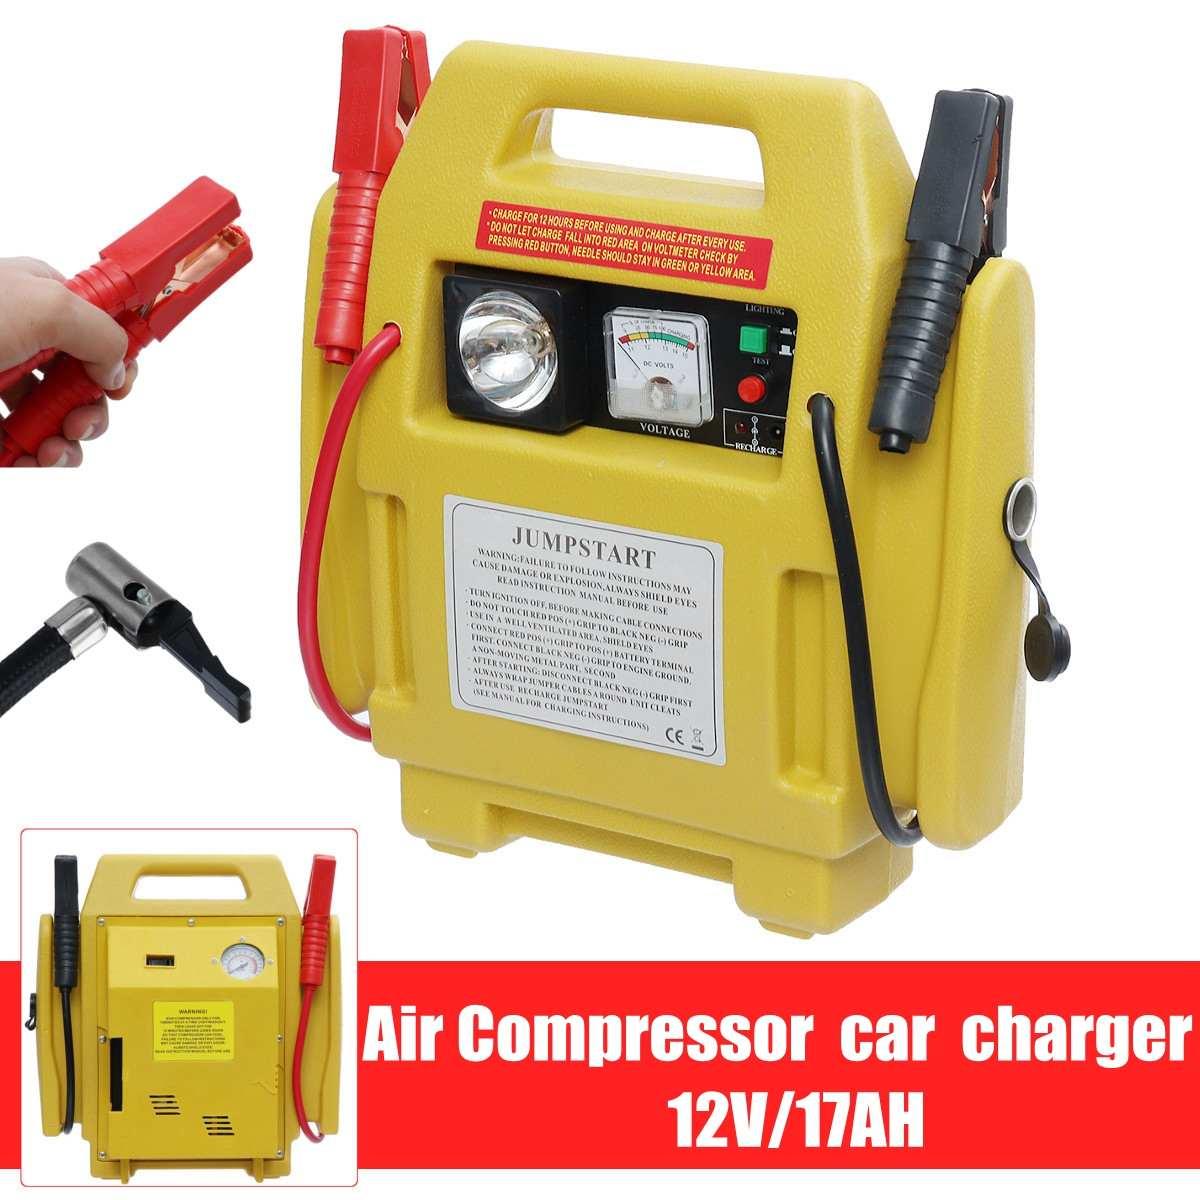 Démarreur voiture de Saut Booster 12 V Voiture chargeur de batterie batterie externe de Départ Outil Kit compresseur d'air avec lampe led d'urgence Auto Pompes - 3